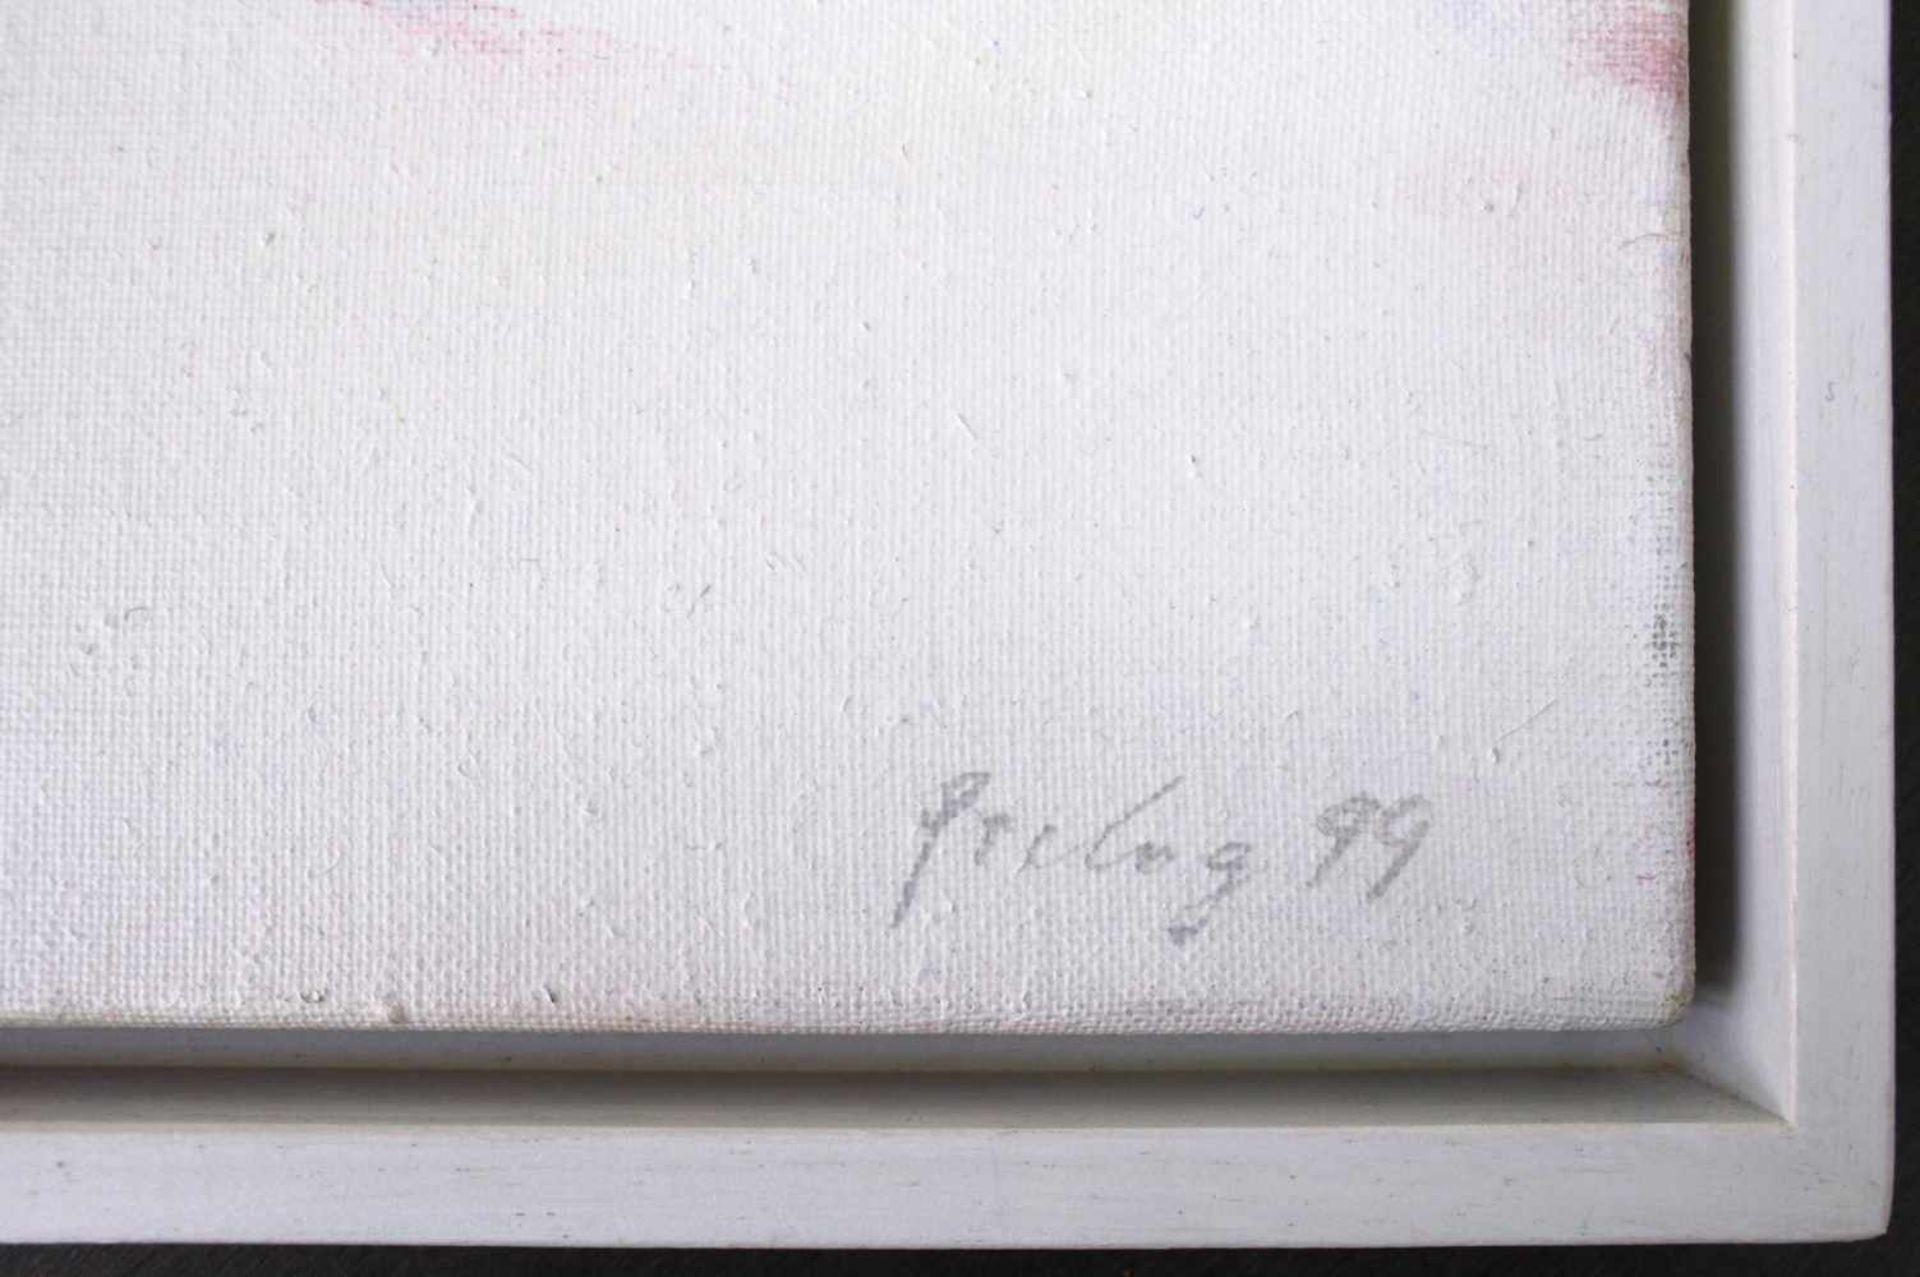 Drago Prelog geb. 1939 Chinesischer Festtag 1999 Acryl auf Leinwand handsigniert und datiert - Bild 2 aus 4